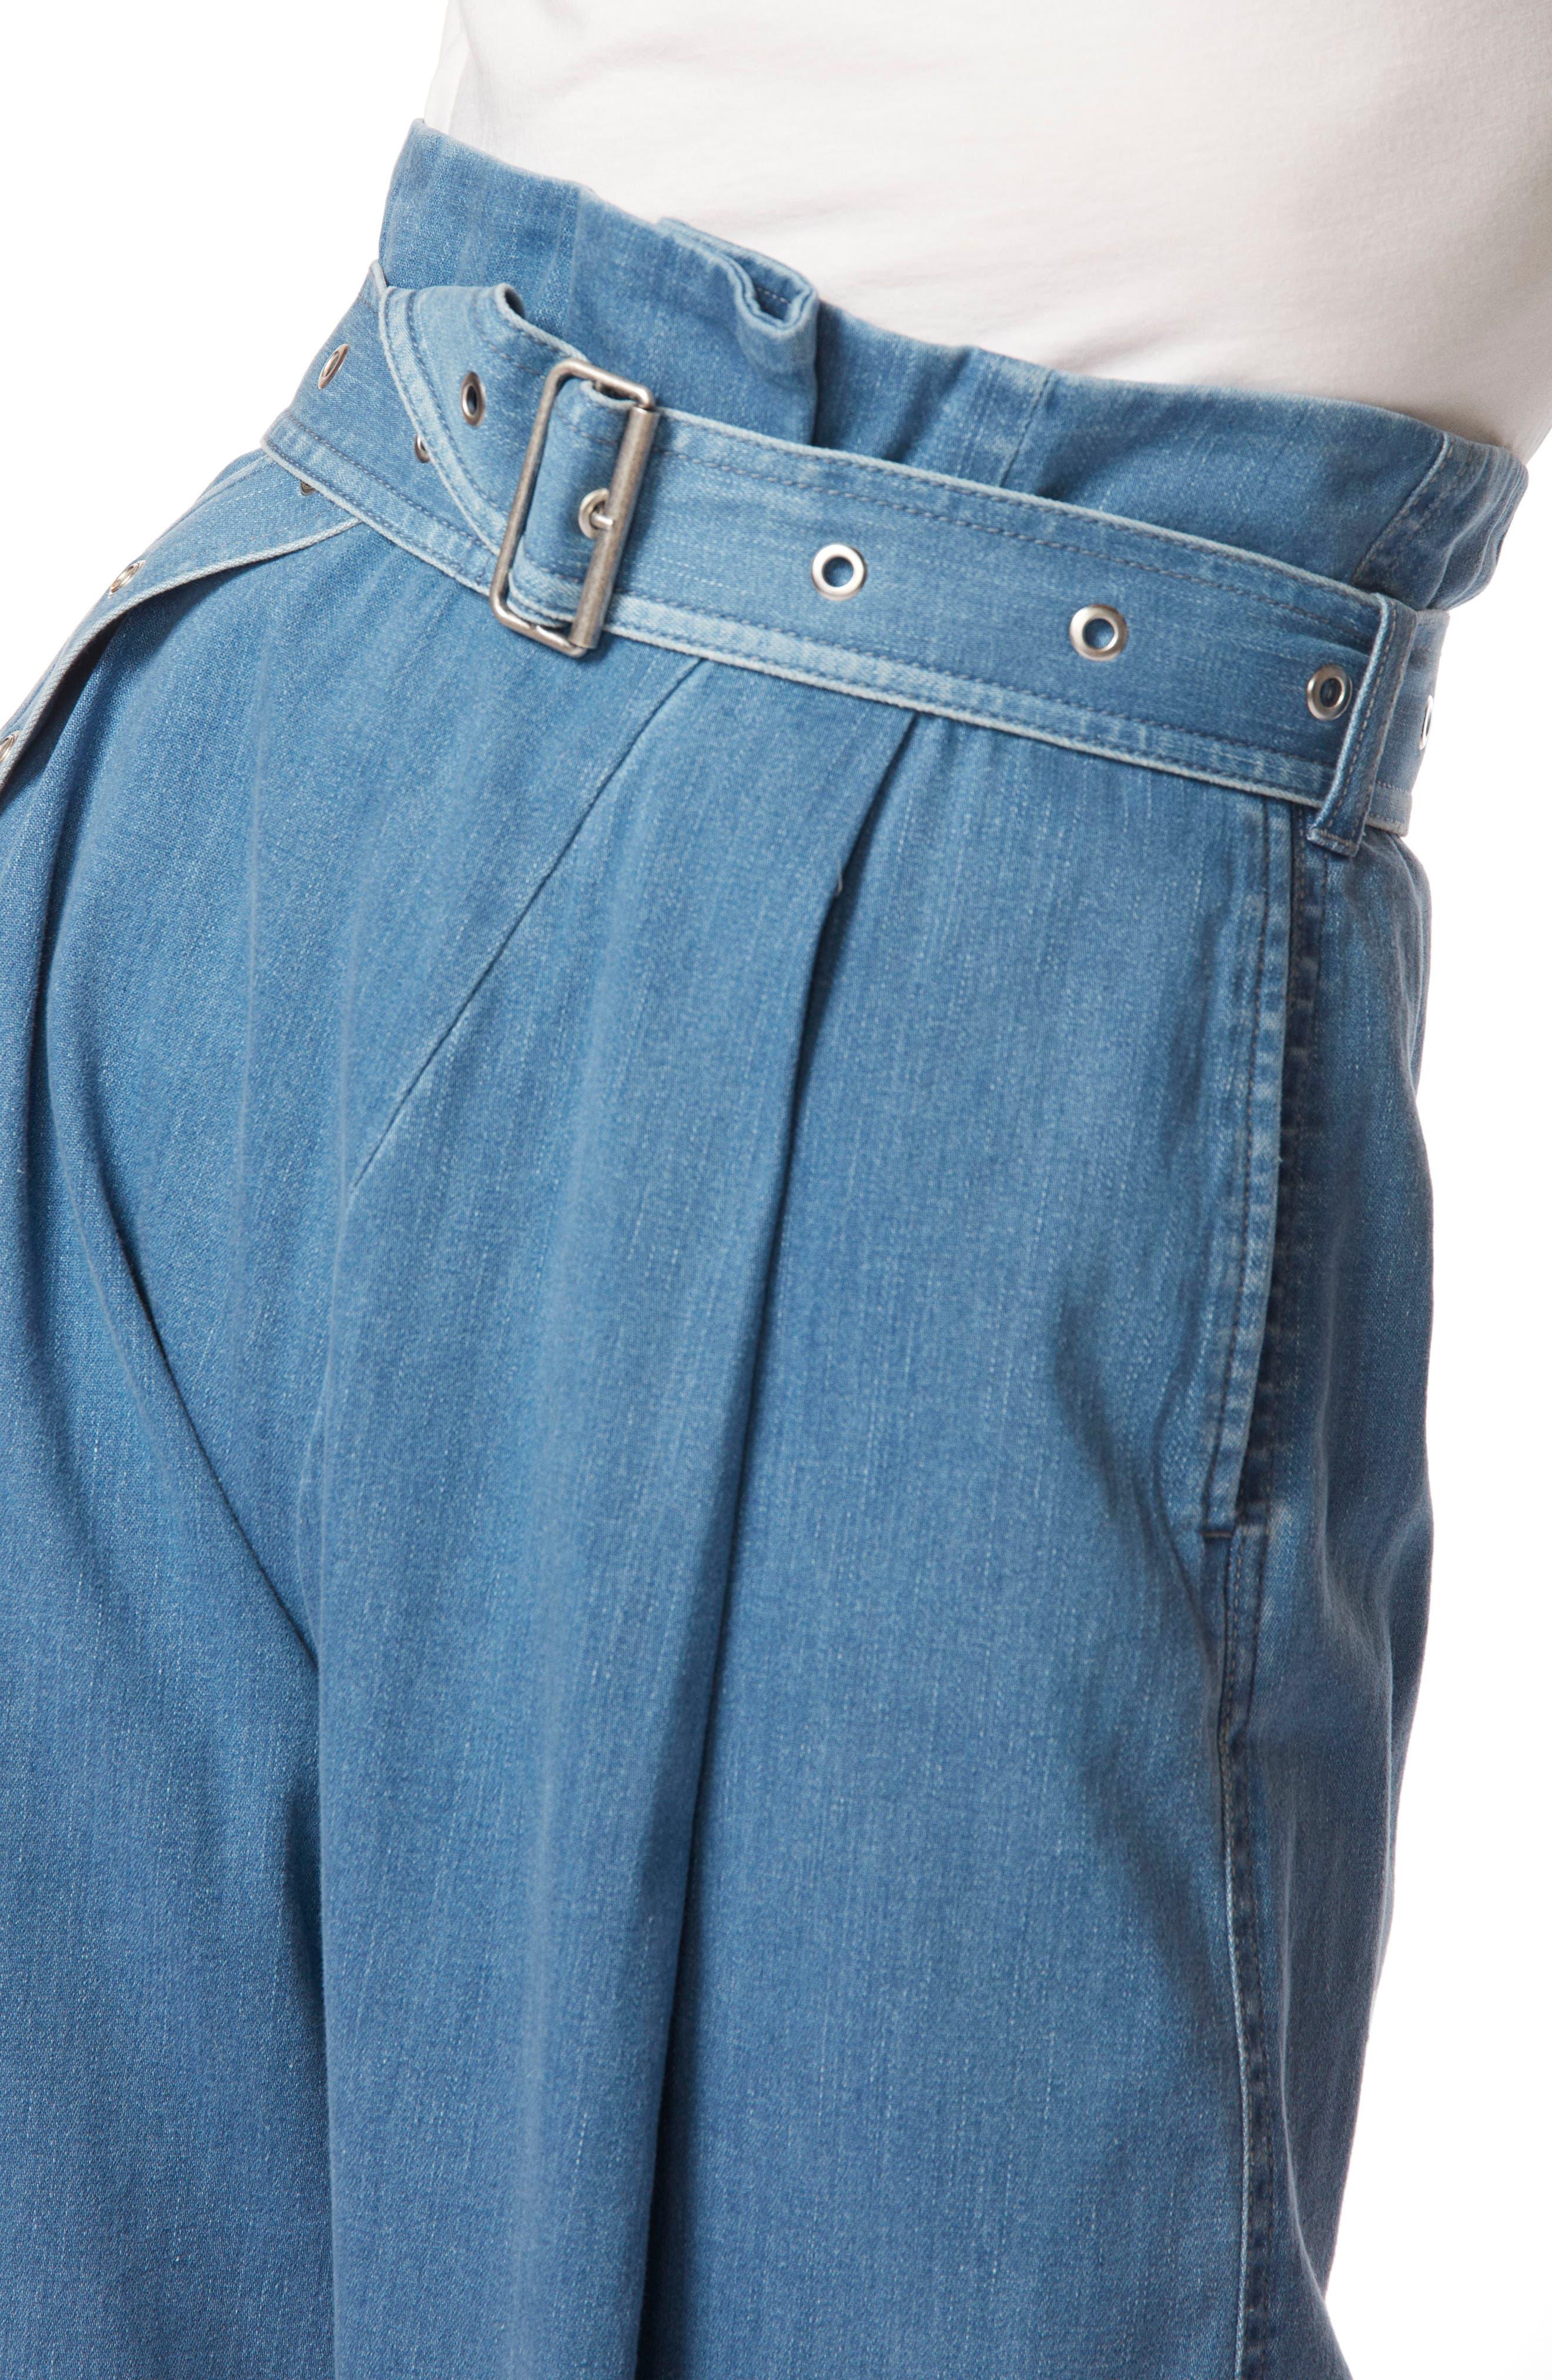 Via Pleat Front Wide Leg Pants,                             Alternate thumbnail 4, color,                             427